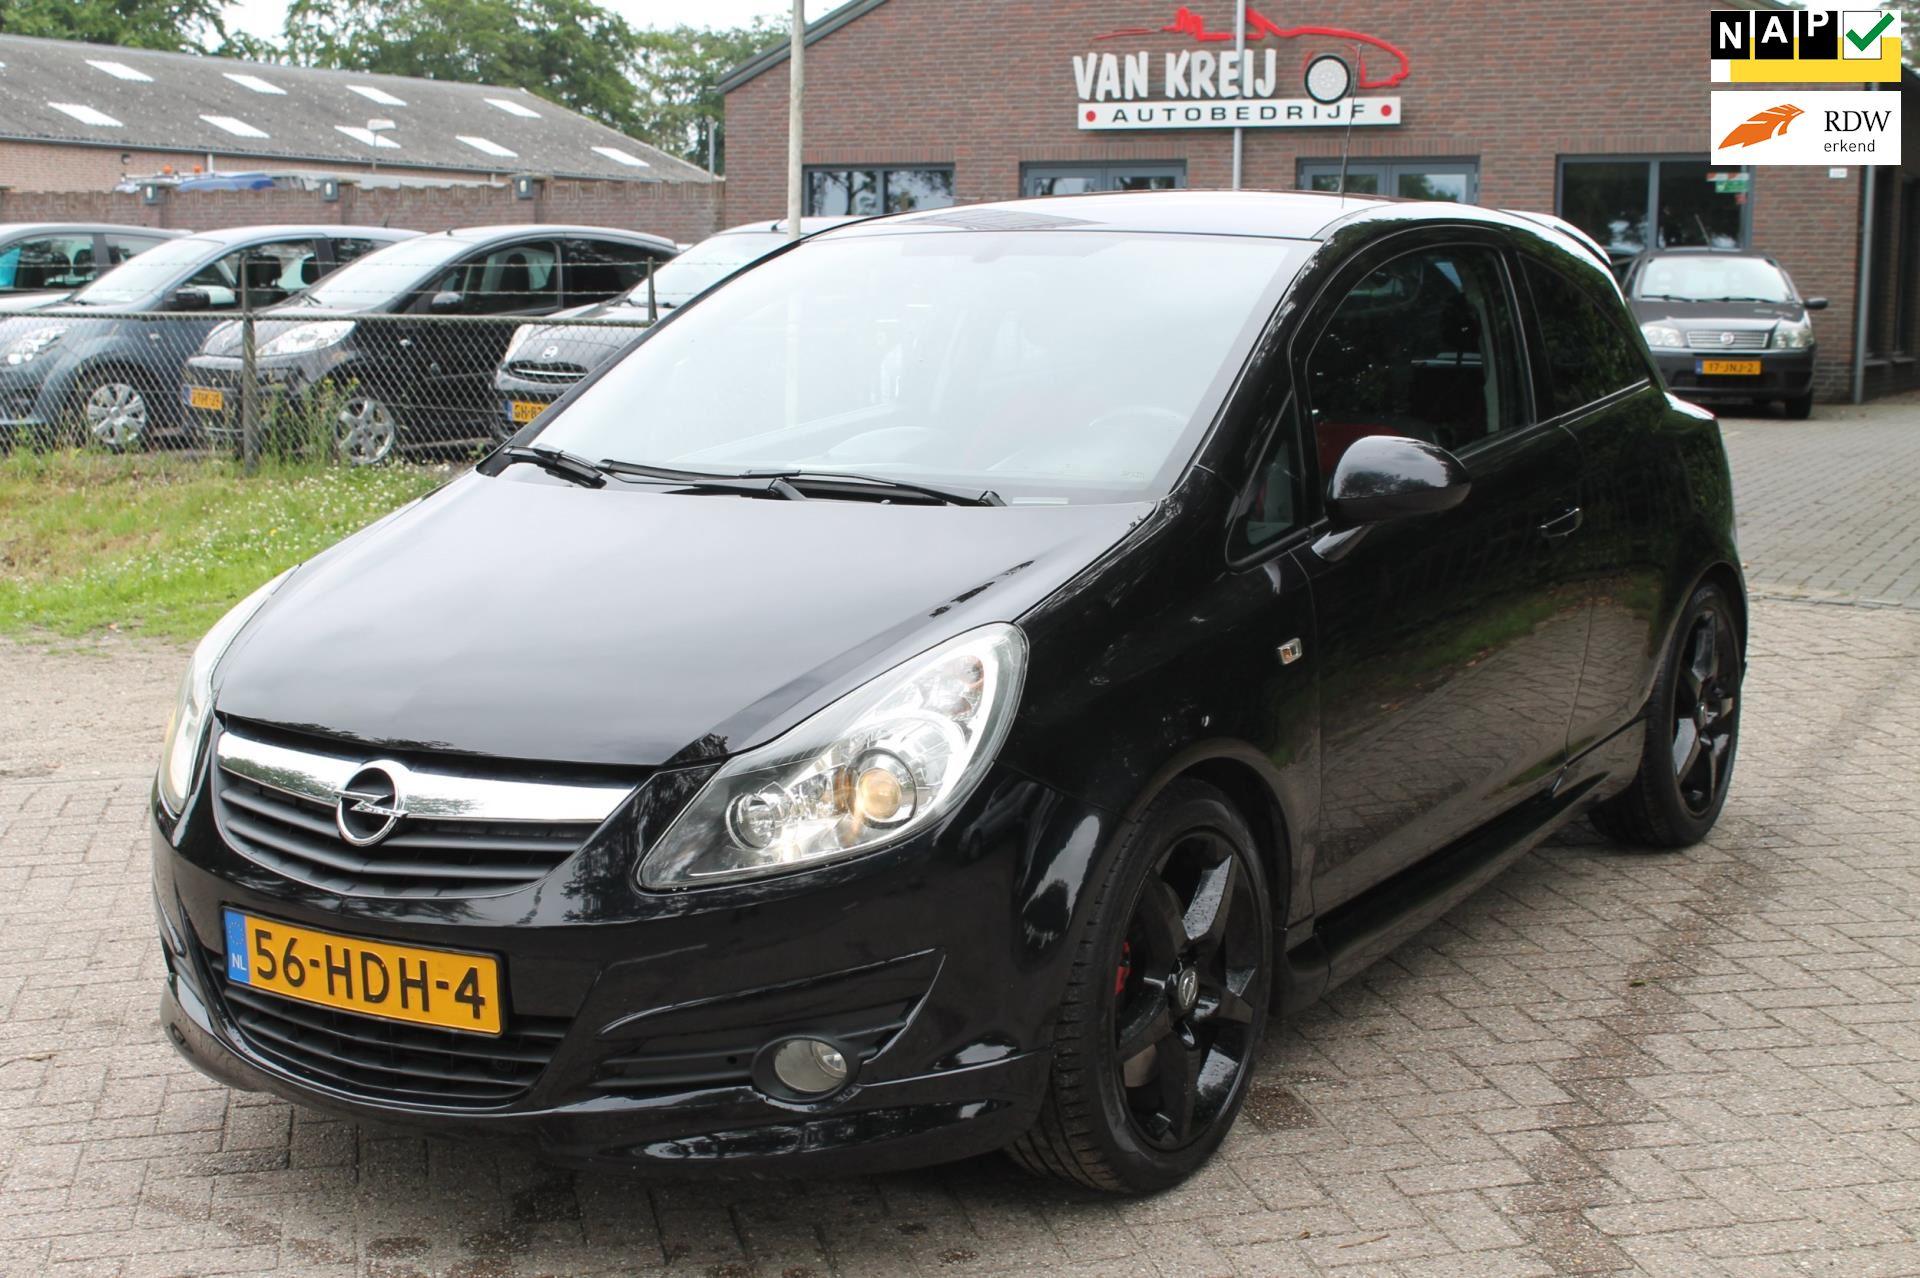 Opel Corsa occasion - Van Kreij Autobedrijf